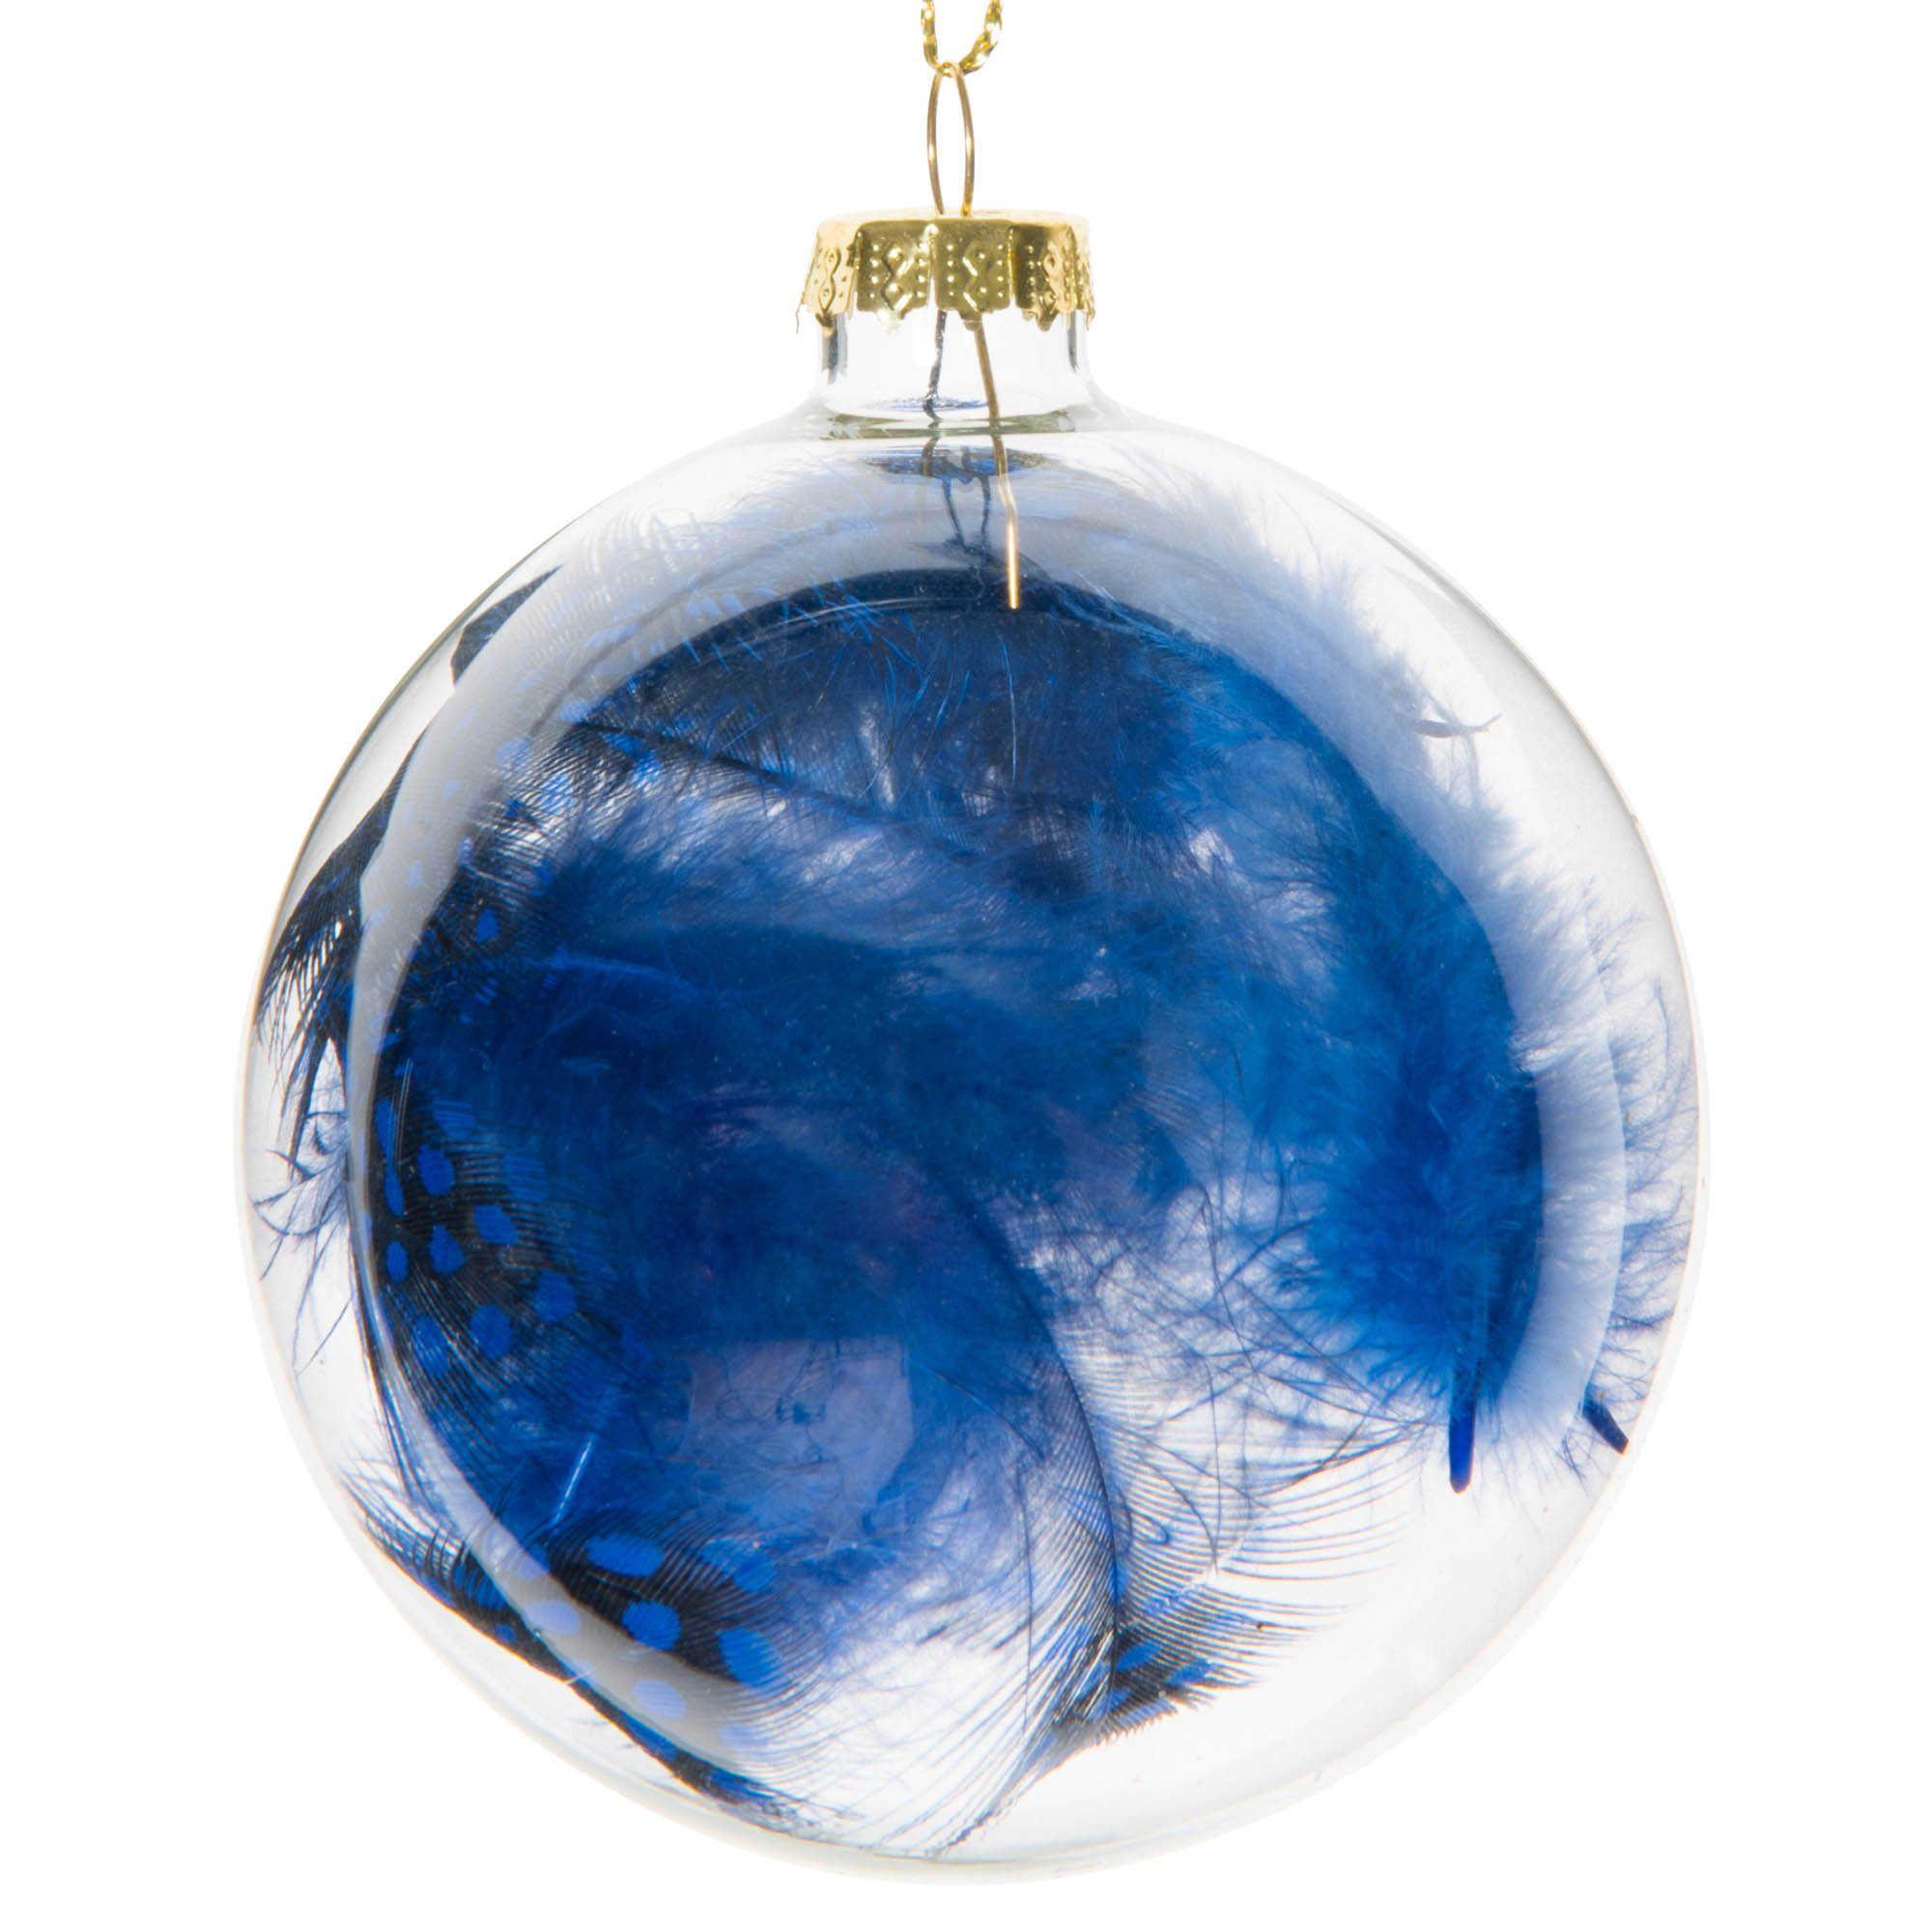 Boule de no l transparente avec plumes bleues en verre 8 for Aquarium boule en verre